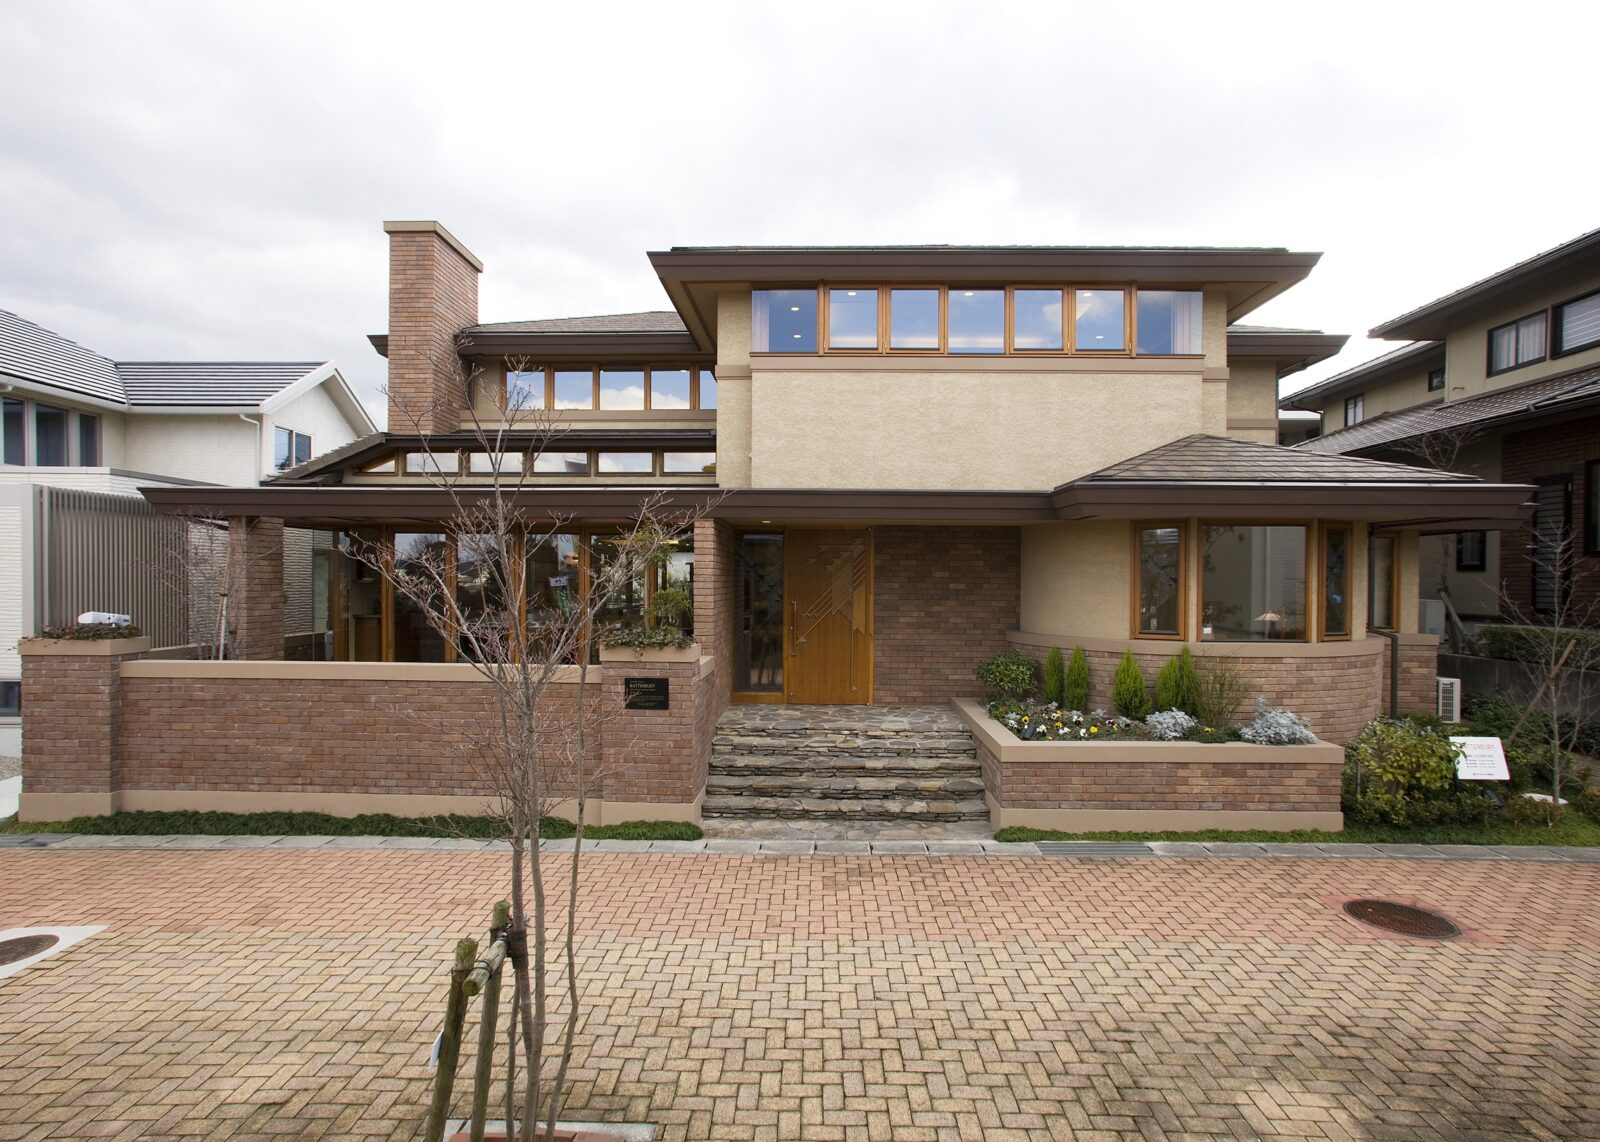 住宅外観(ラッタンバリー)オーガニックハウス